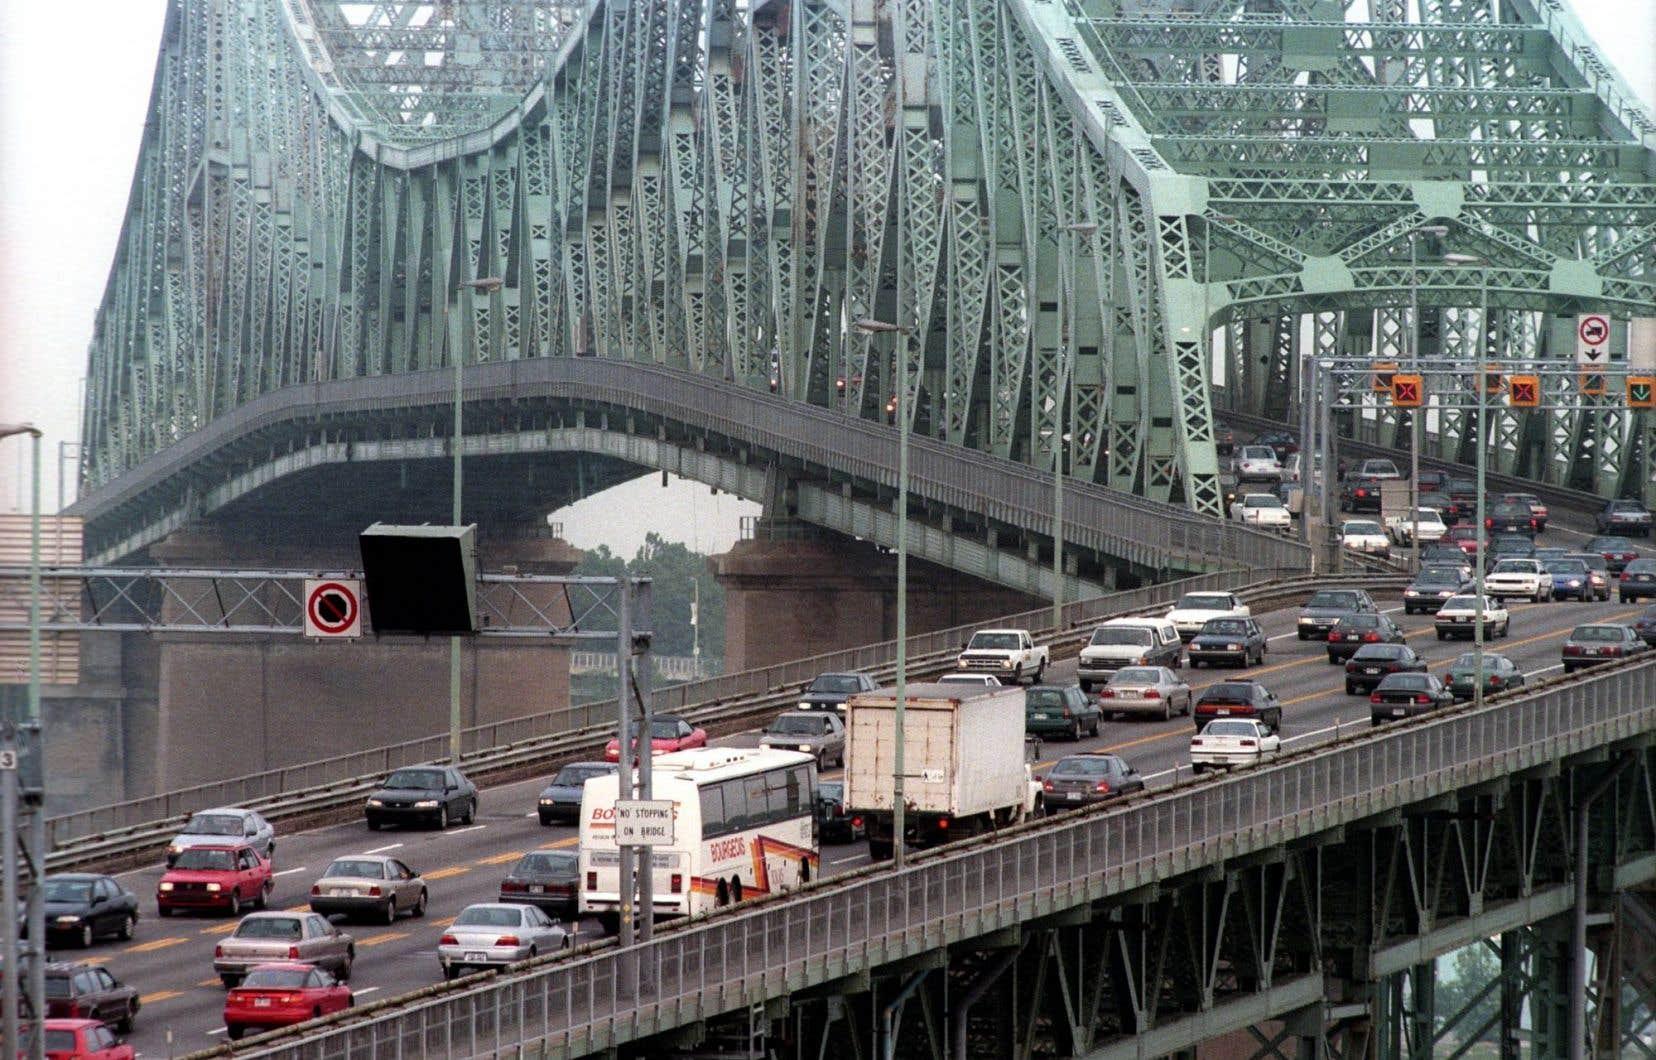 La collision s'est produite sur la piste cyclable se trouvant du côté ouest du pont Jacques-Cartier, dans la dernière portion du pont, à l'approche de Montréal.